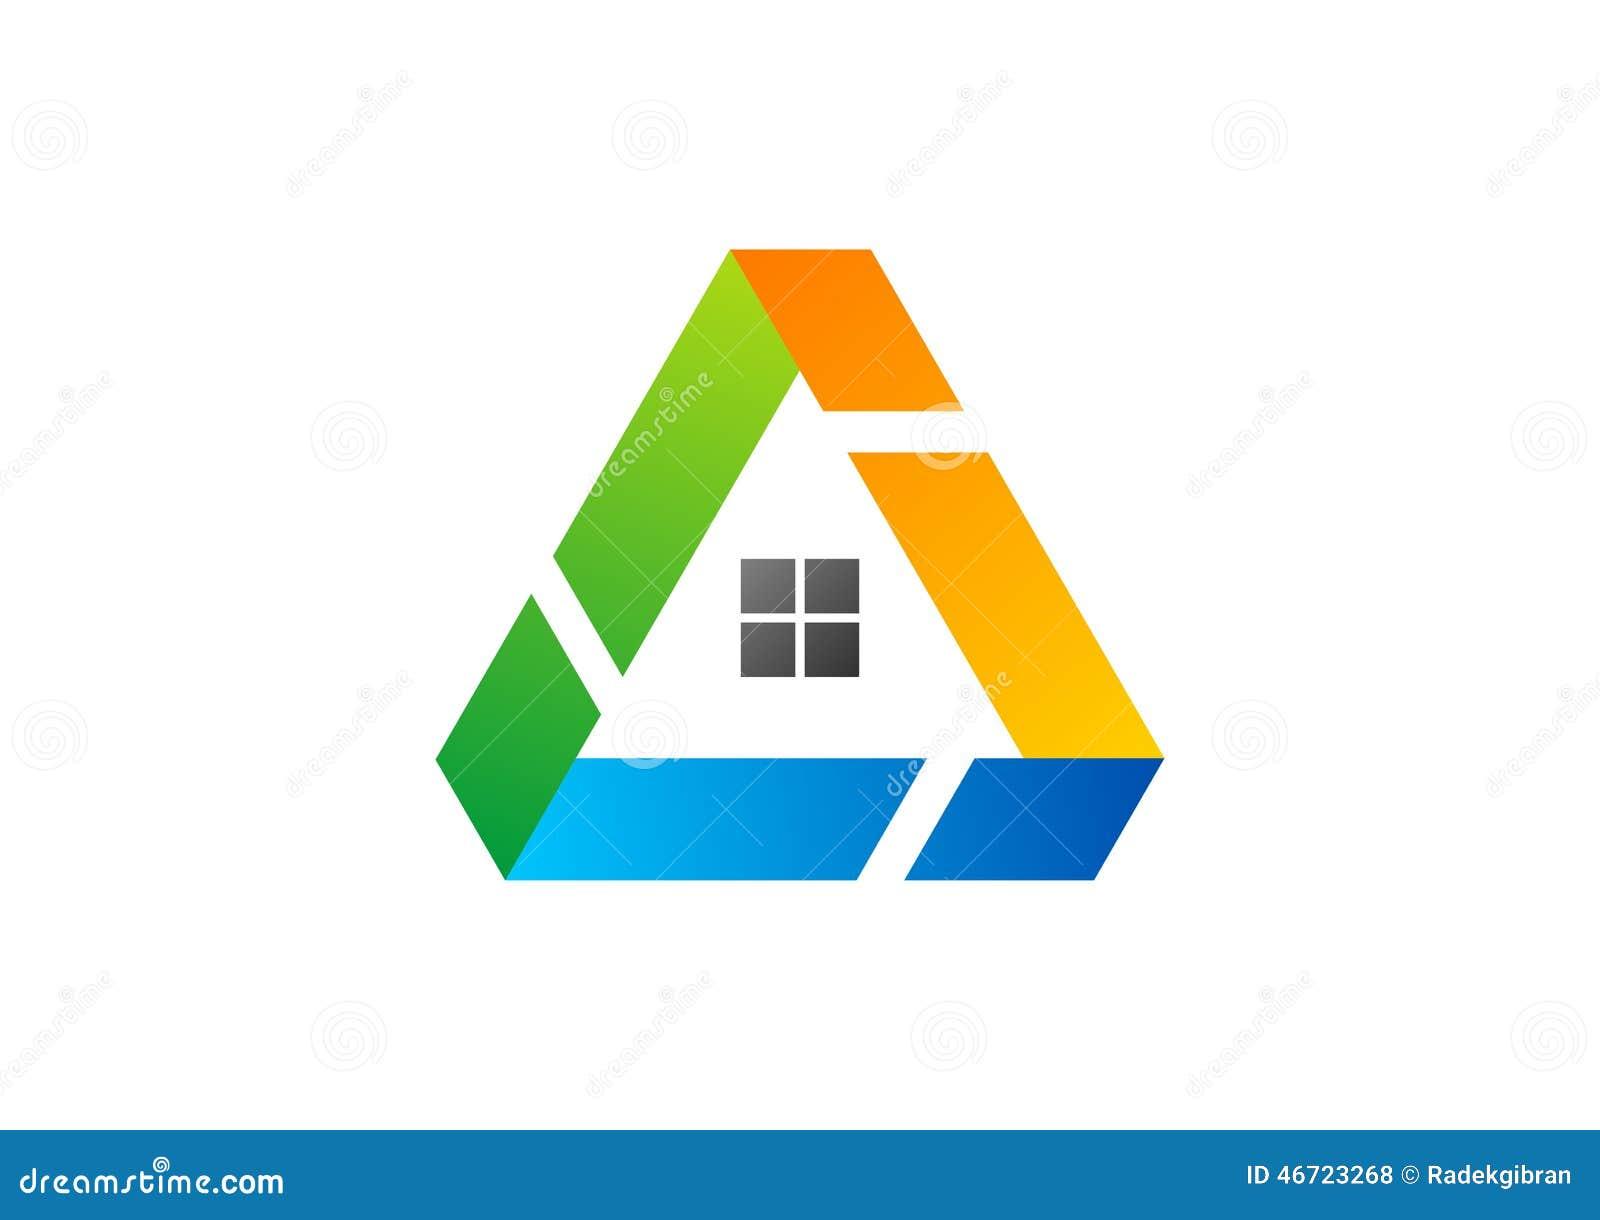 Casa tri ngulo logotipo edificio arquitectura - Arquitectura de diseno ...